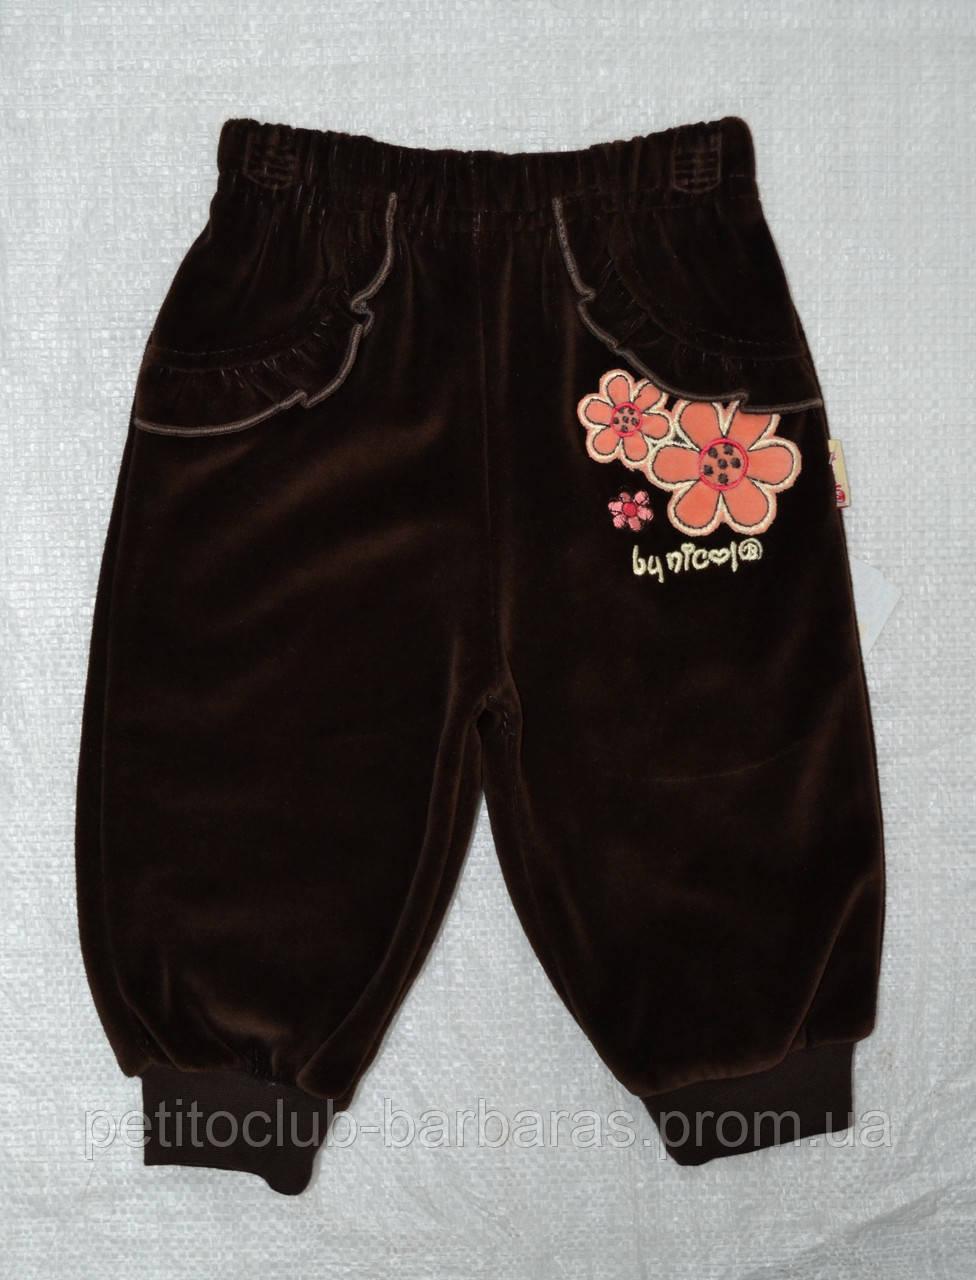 Дитячі велюрові штани коричневі для дівчинки р. 68-86 см (Nicol, Польща)